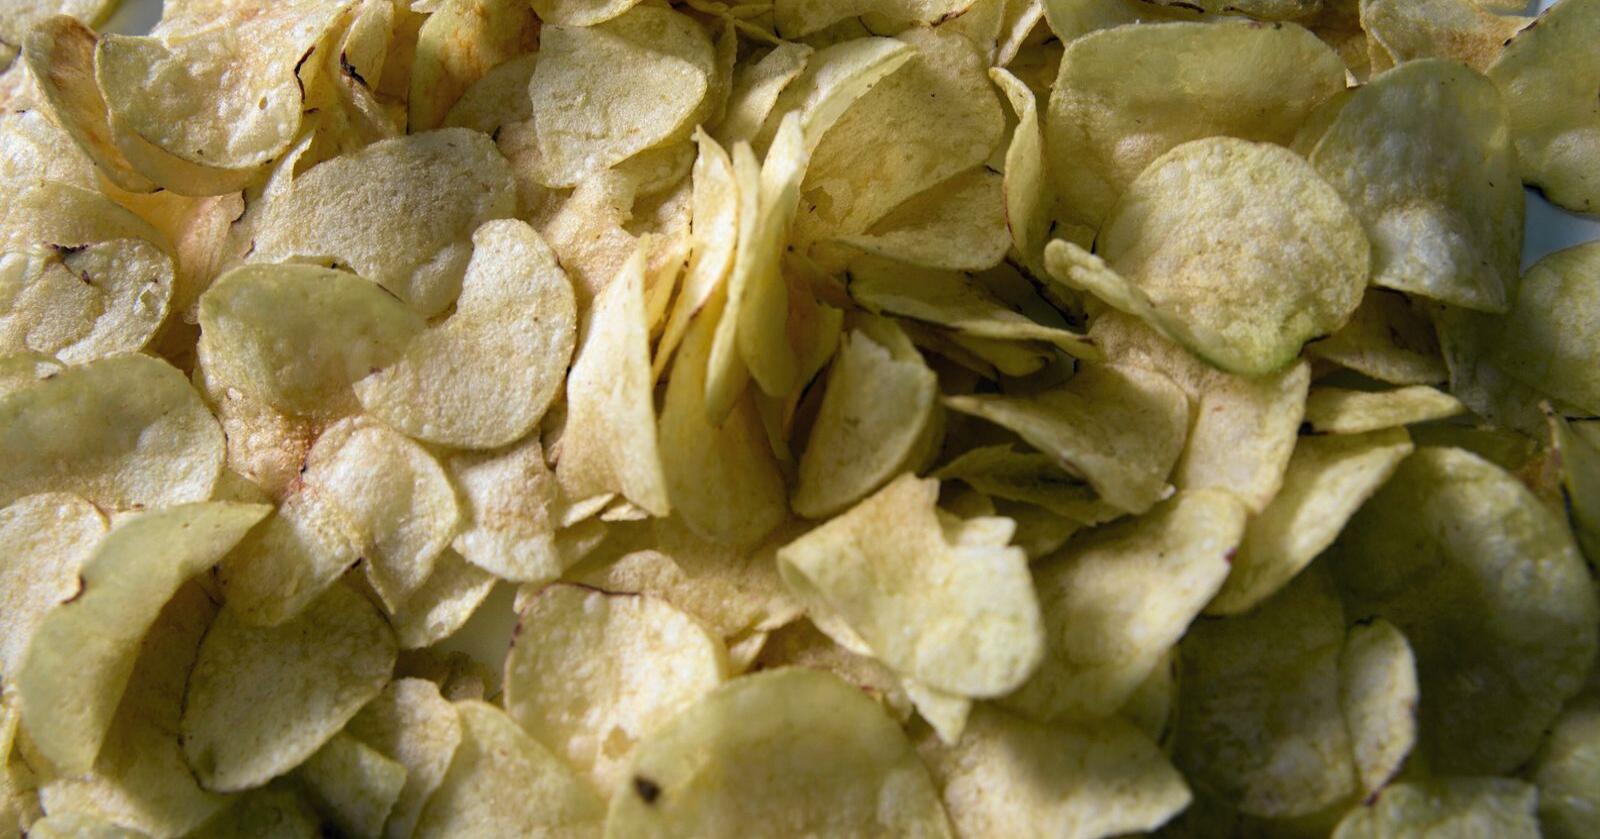 Enkelte potetchipsprodukter har for høyt nivå av det kreftfremkallende stoffet akrylamid. Foto: Terje Bendiksby / NTB scanpix